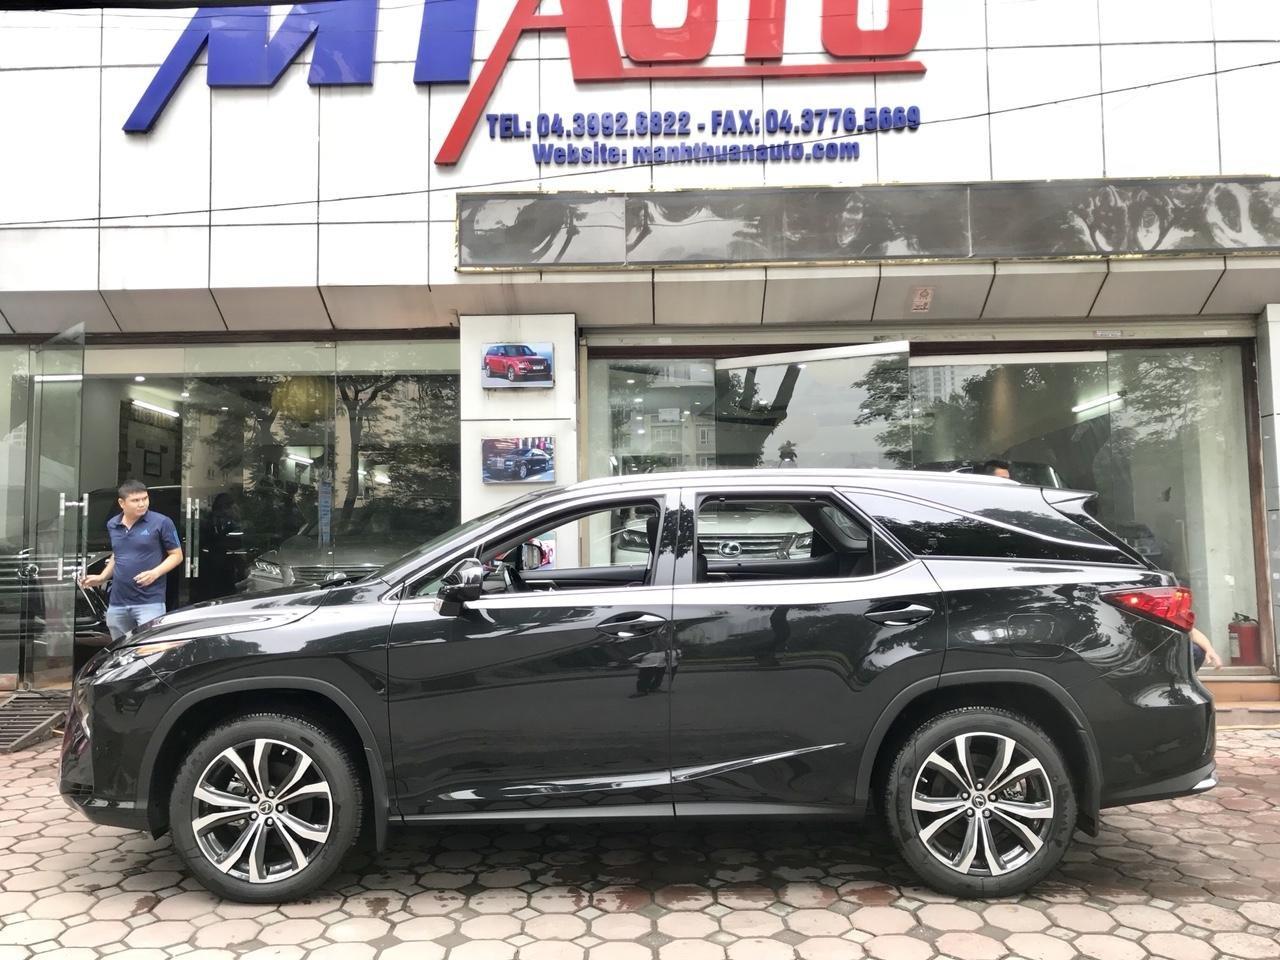 Bán Lexus RX R350L 2018, màu đen, 6 chỗ, nhập khẩu Mỹ - Mr Huân 0981.0101.61-0